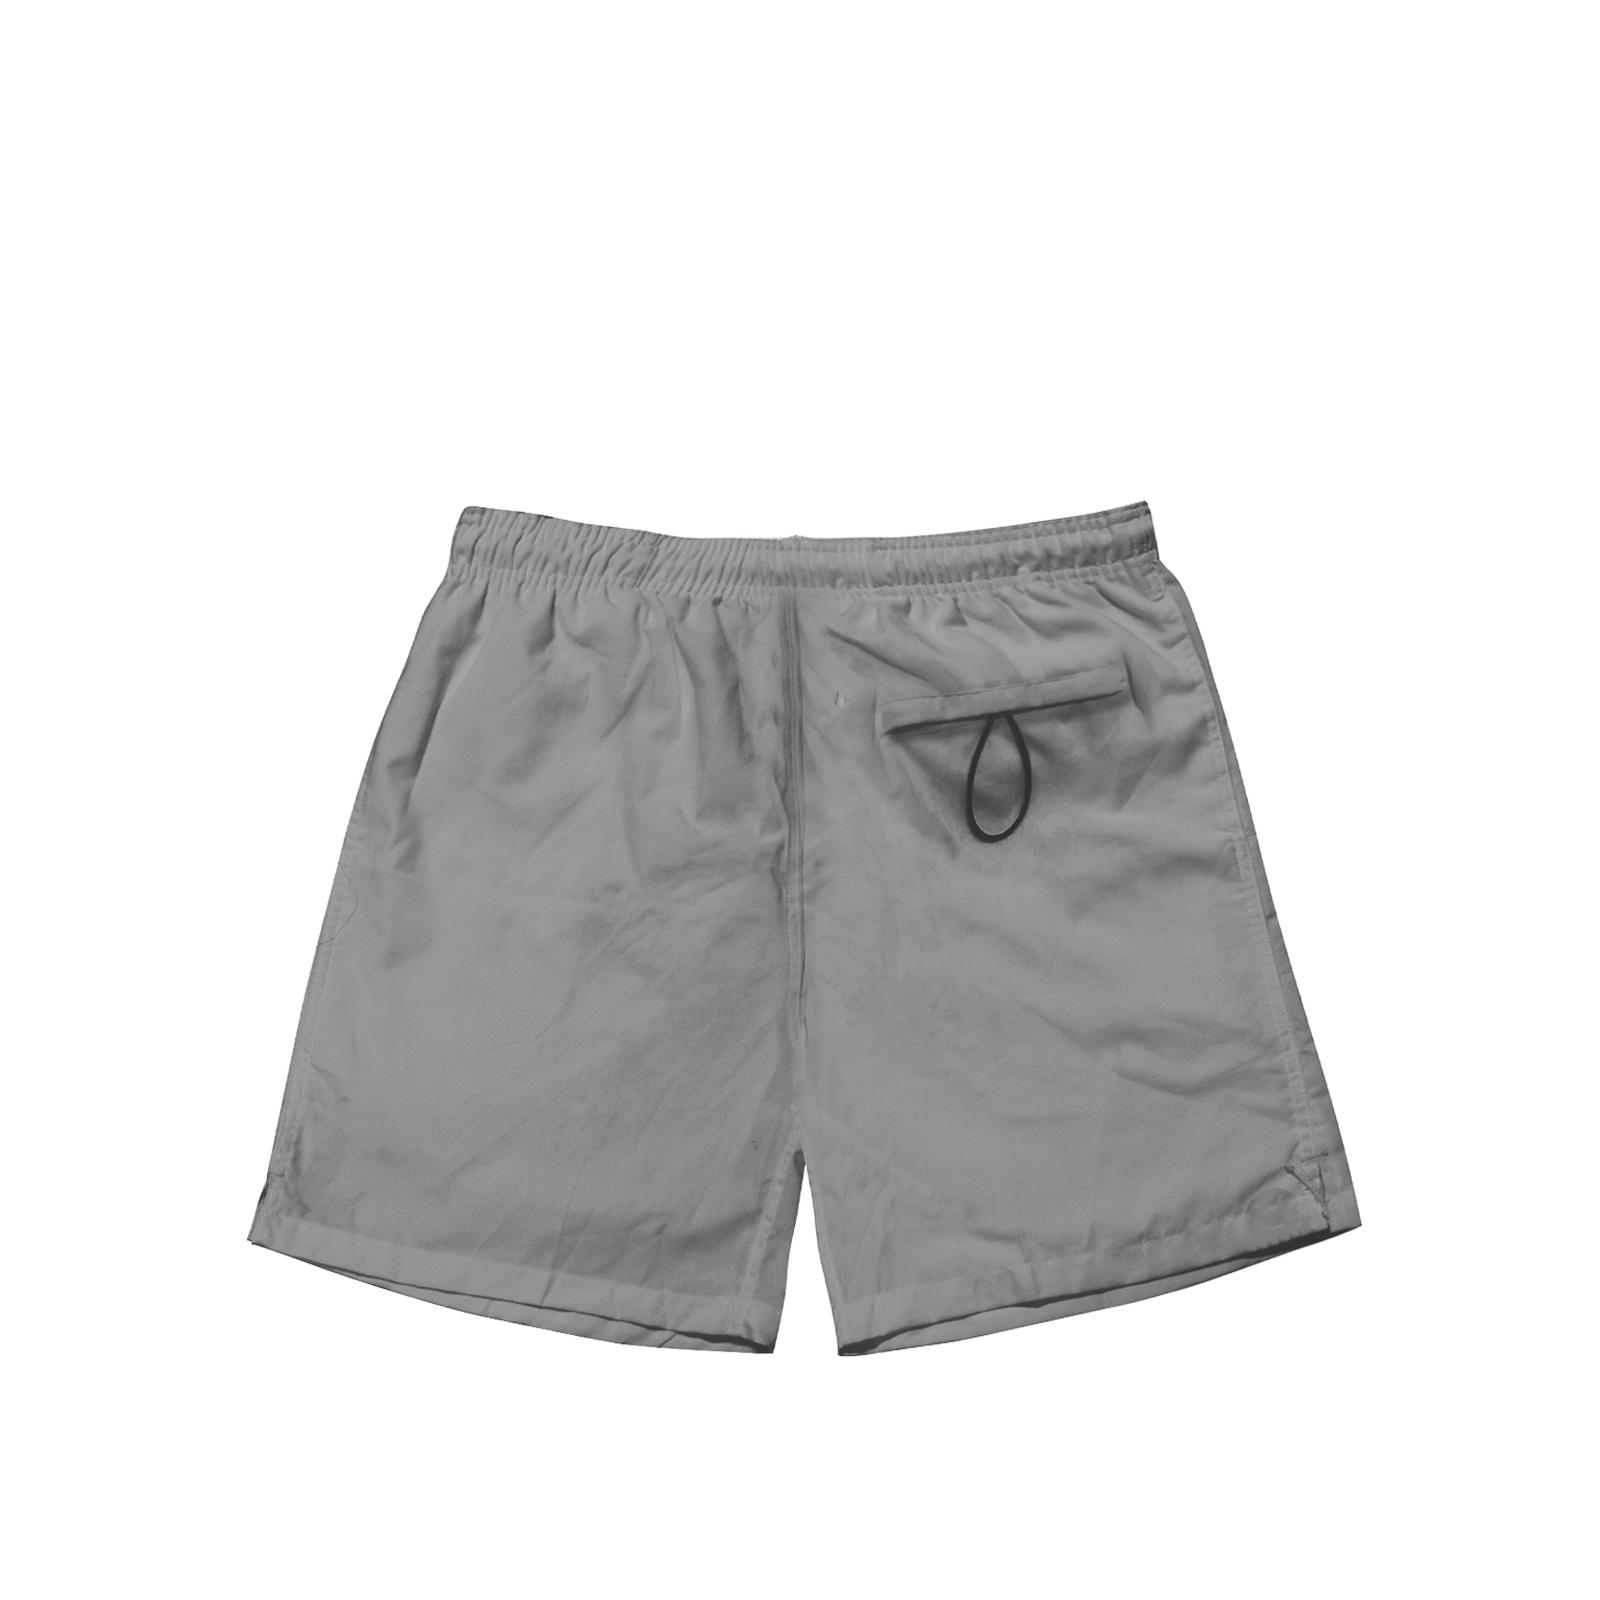 DCS Short (9 phối màu)